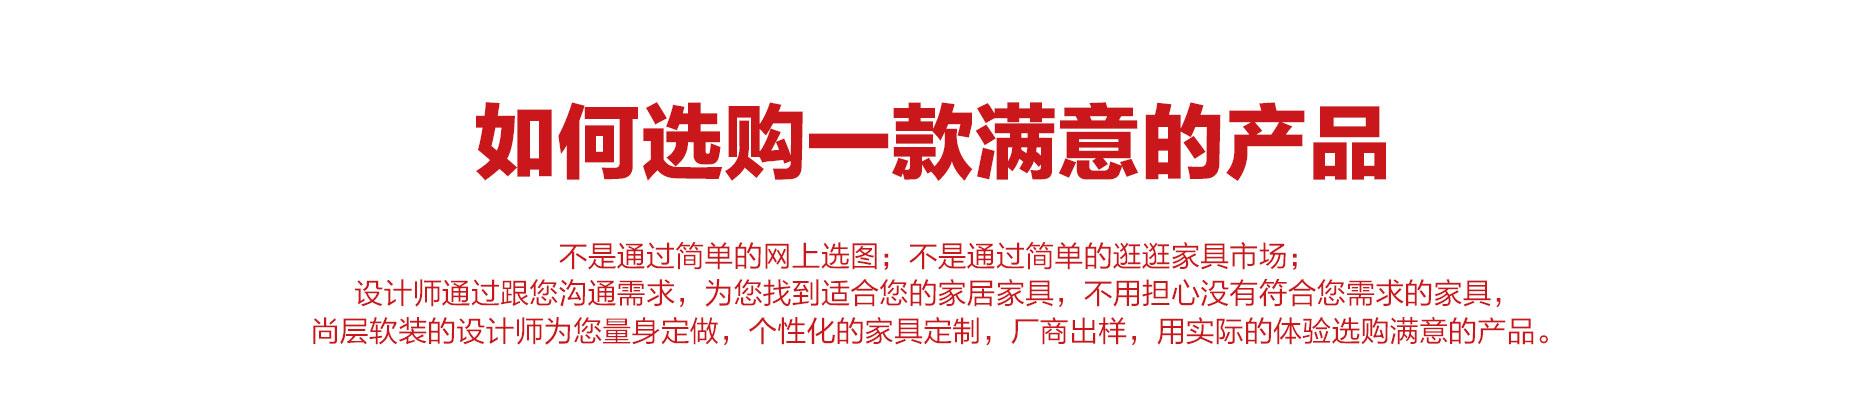 365体育官方中文版下载_365体育游戏_365清流体育直播设计